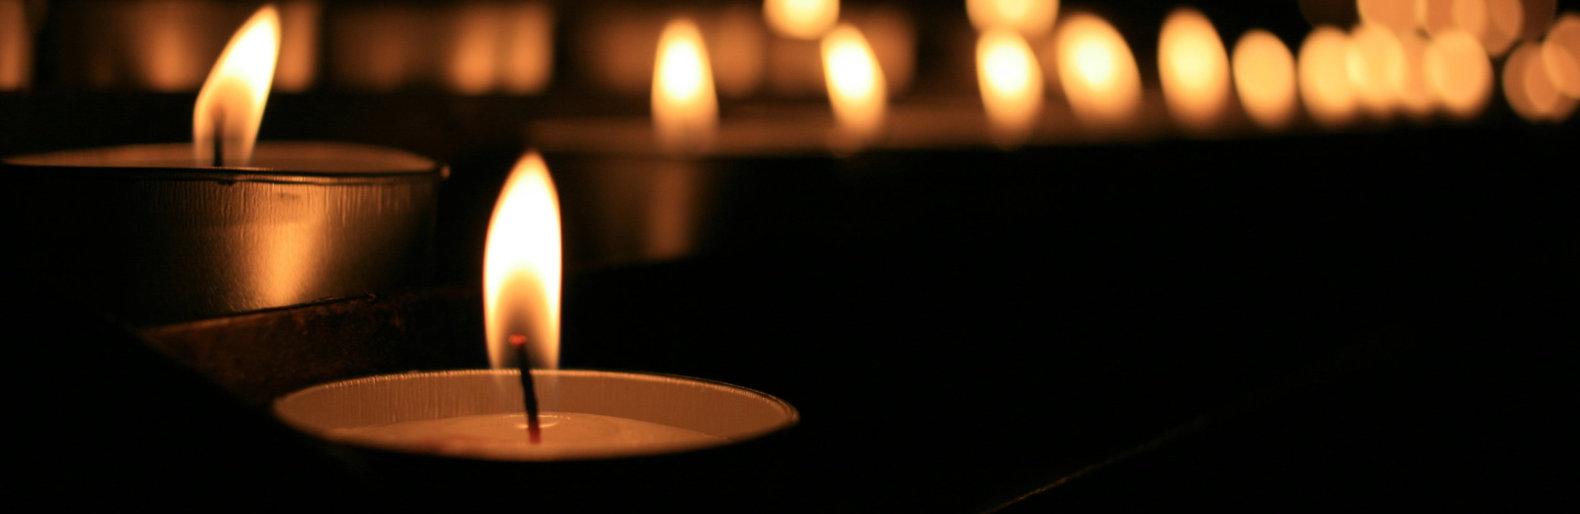 Мати і син вже не дихали: на Одещині трагічно загинули двоє людей (фото, відео)